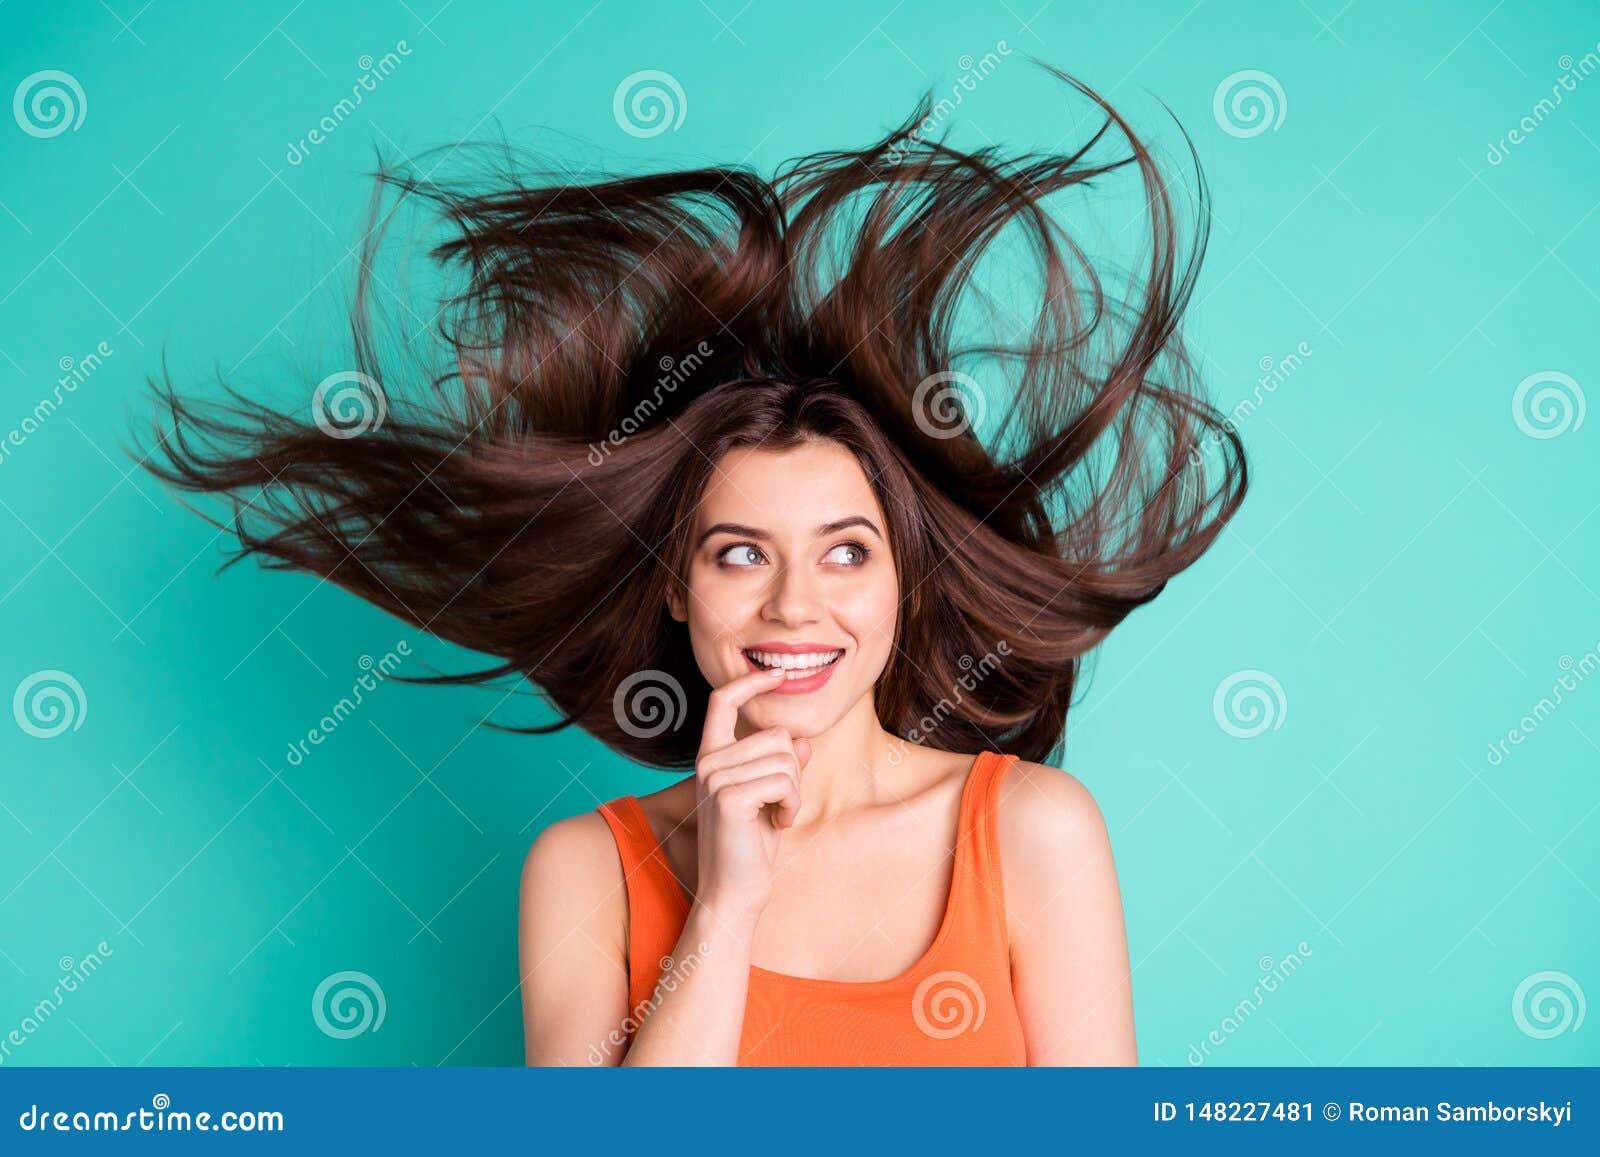 Κλείστε επάνω την κατάπληξη φωτογραφιών όμορφη αυτή αυτή υγιής όρος πτήσης τρίχας φυσήγματος αέρα διακοπών γυναικείου Σαββατοκύρι